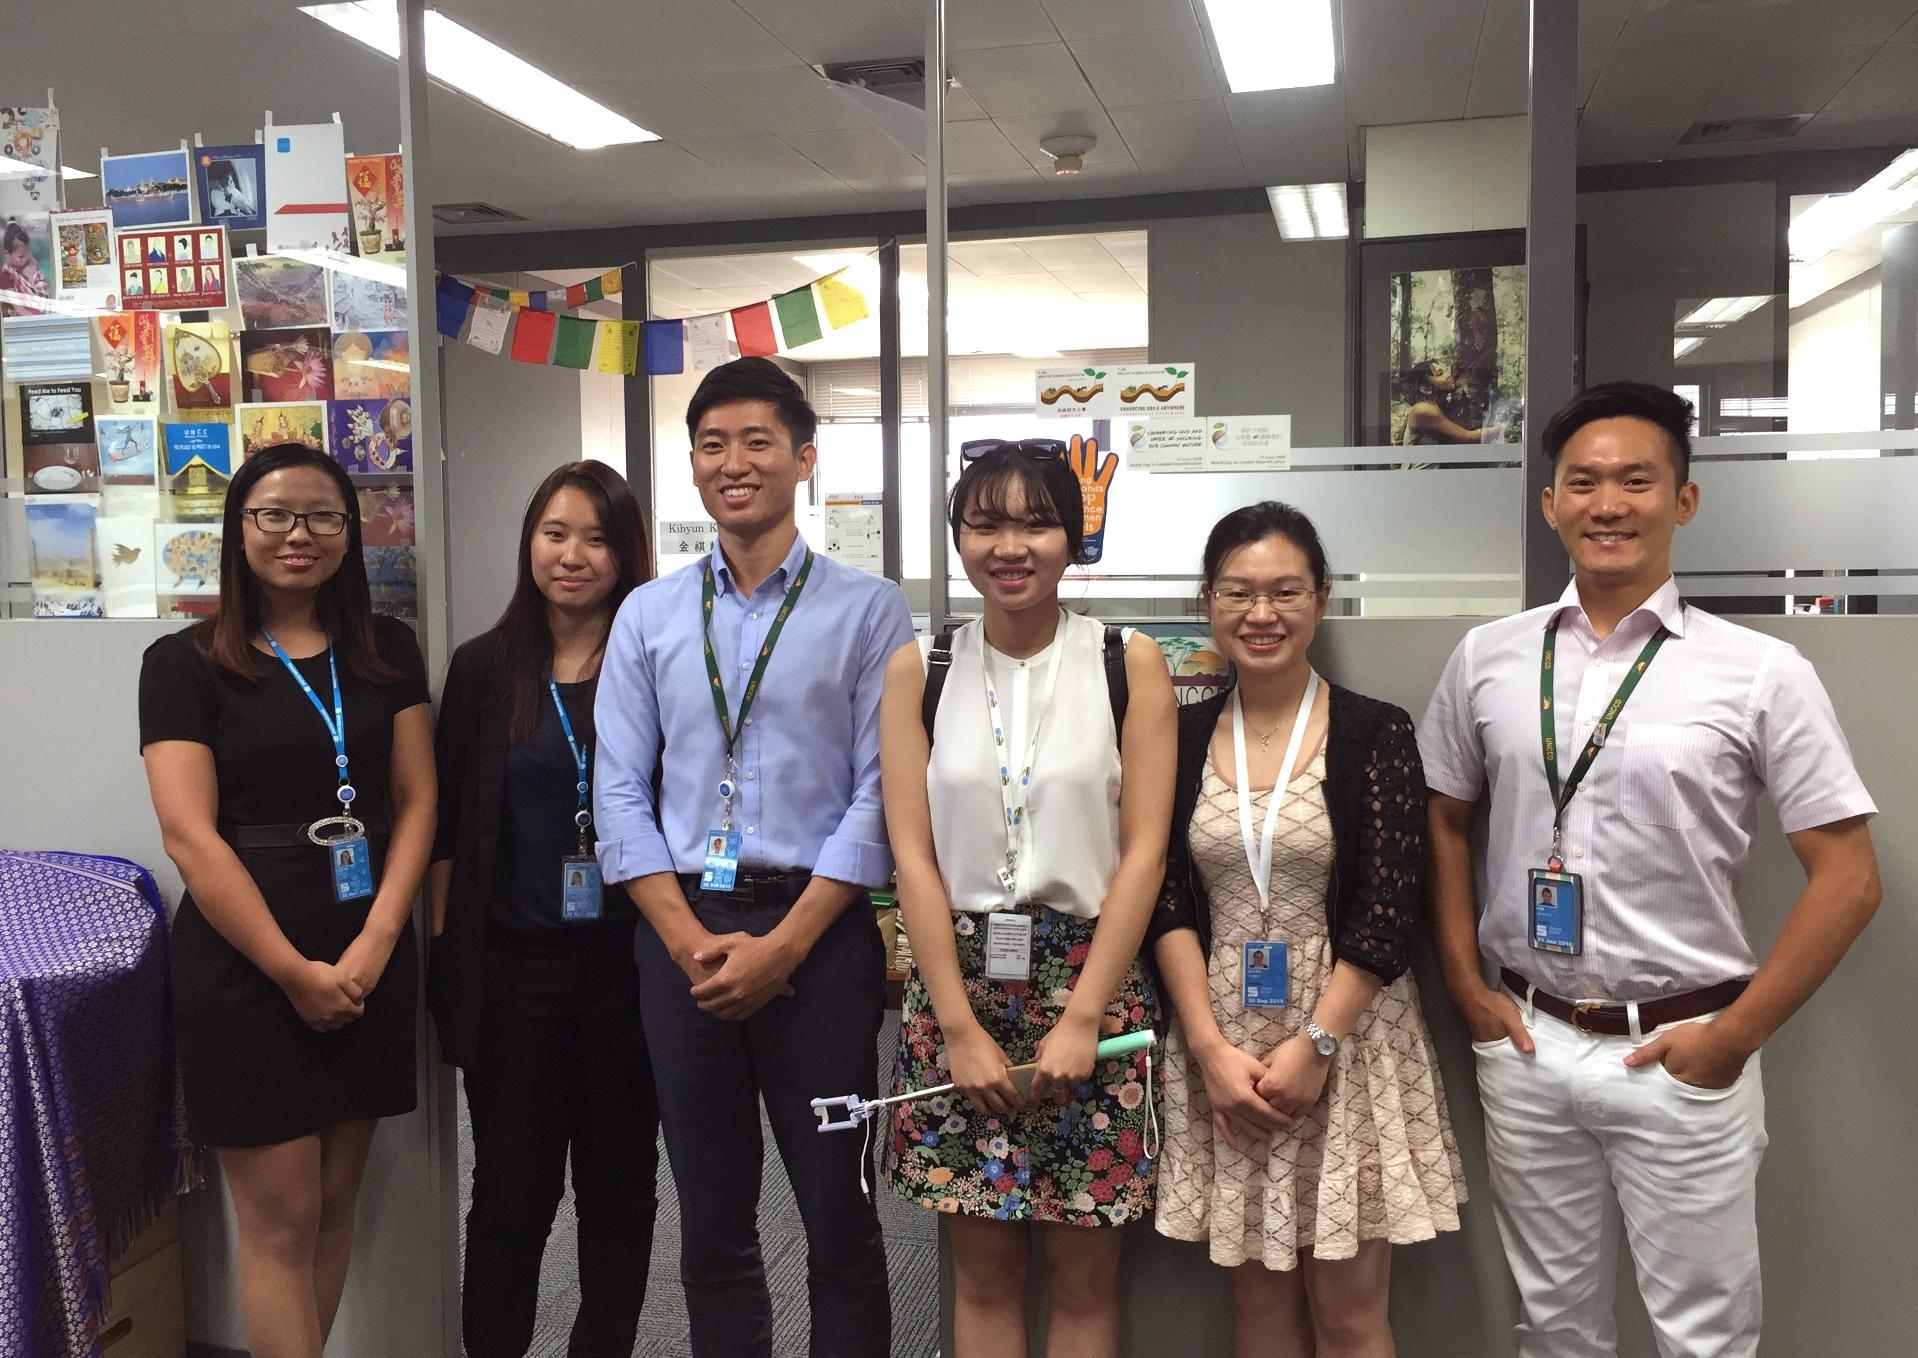 中大实习生与联合国亚太经社会UNCCD同事们合作愉快。